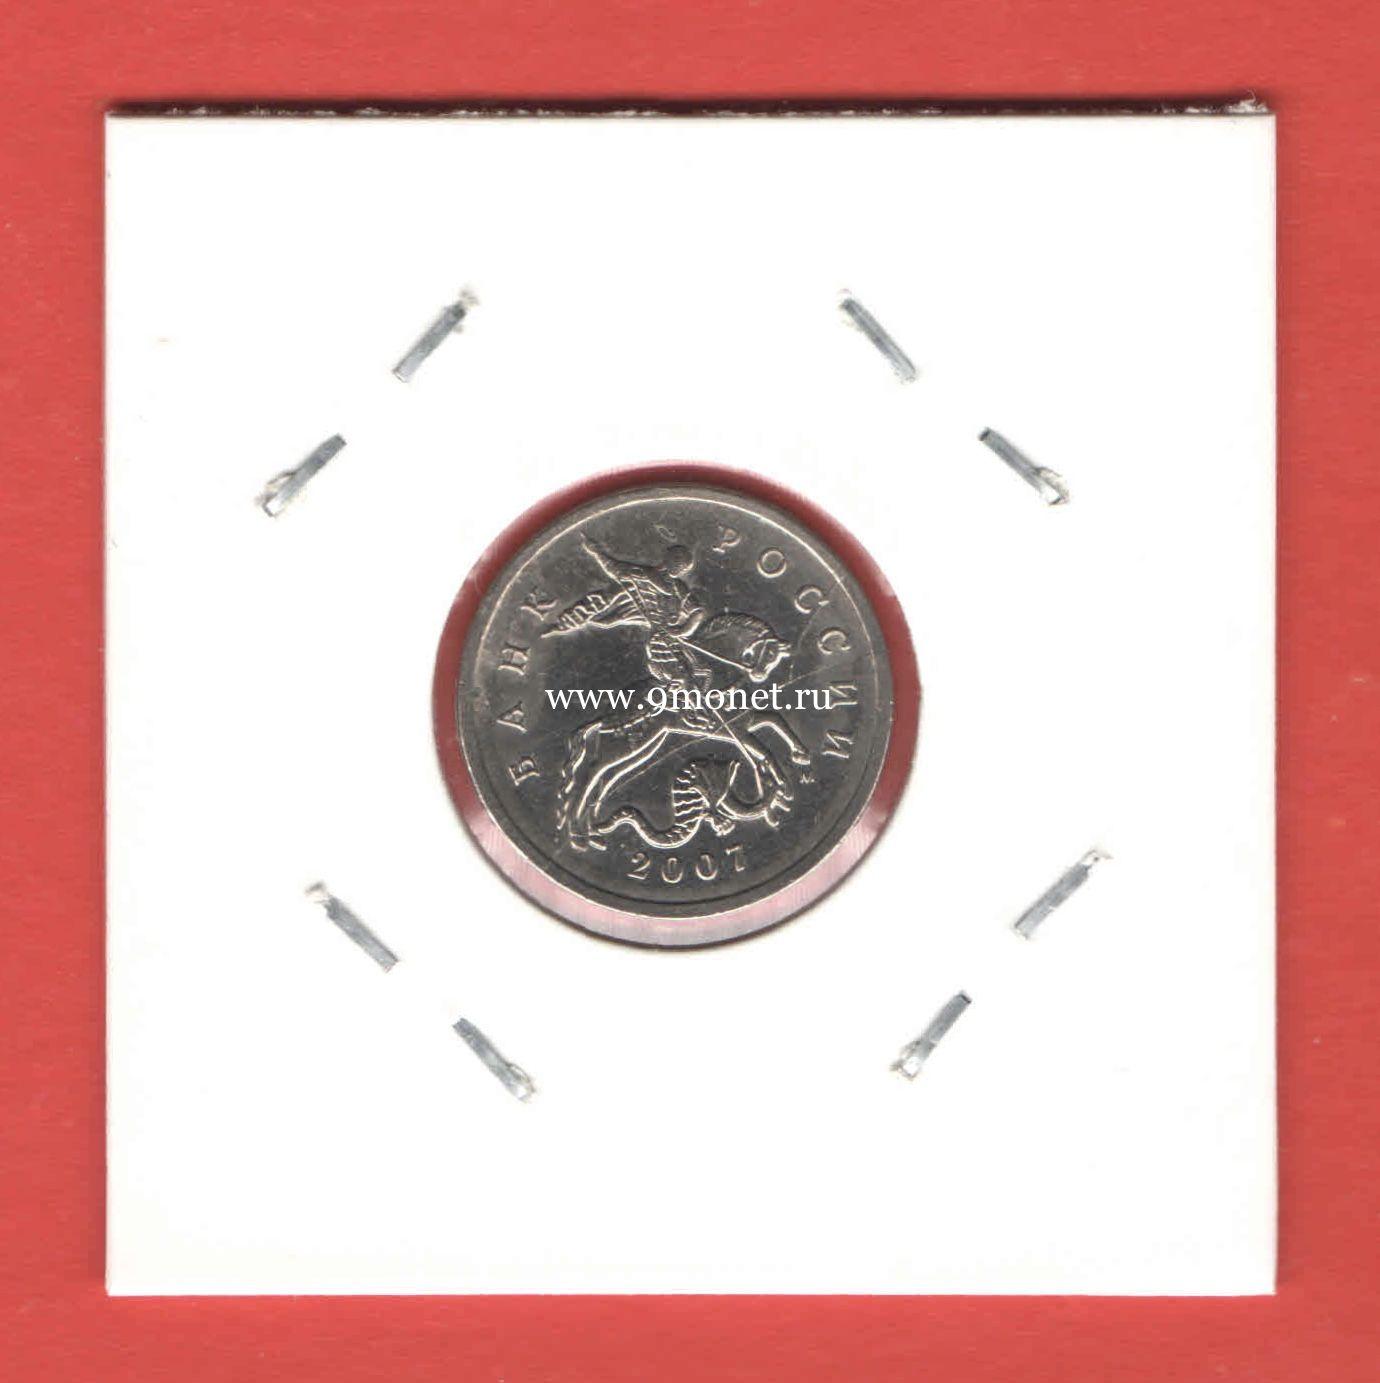 Россия монета с браком 5 копеек 2007 года ММД. (раскол штемпеля)